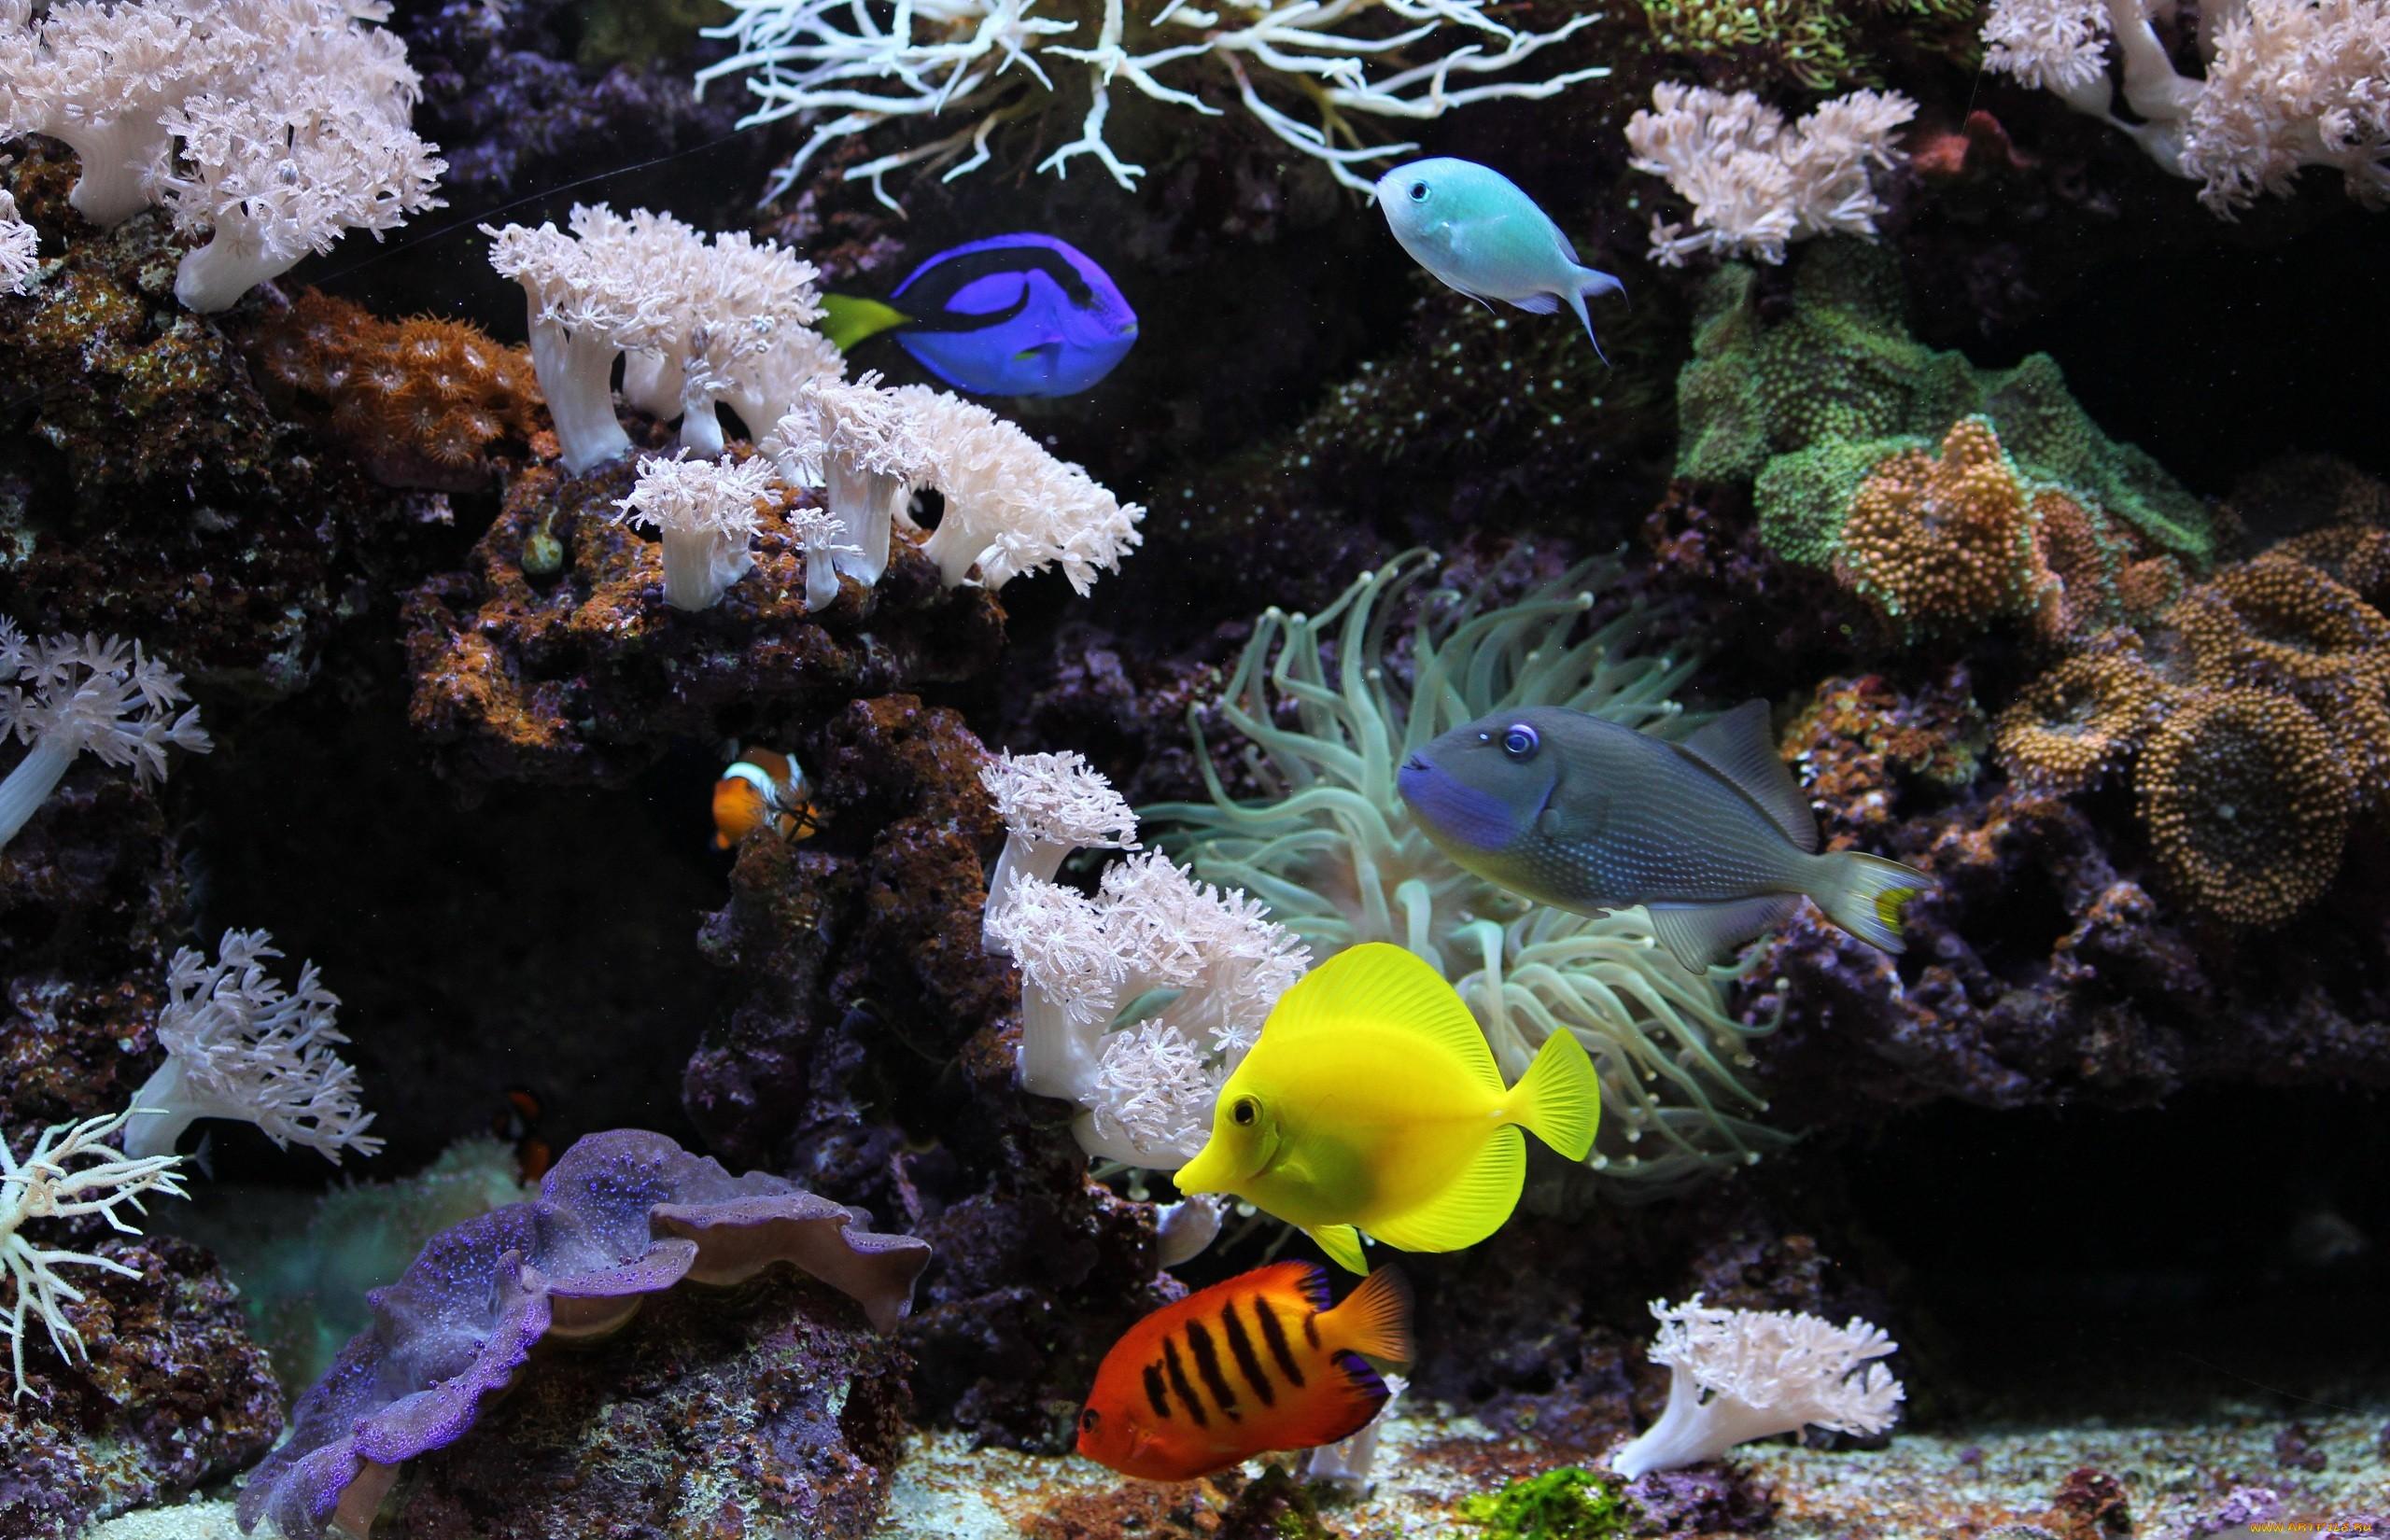 аквариум рыбы кораллы макро скачать